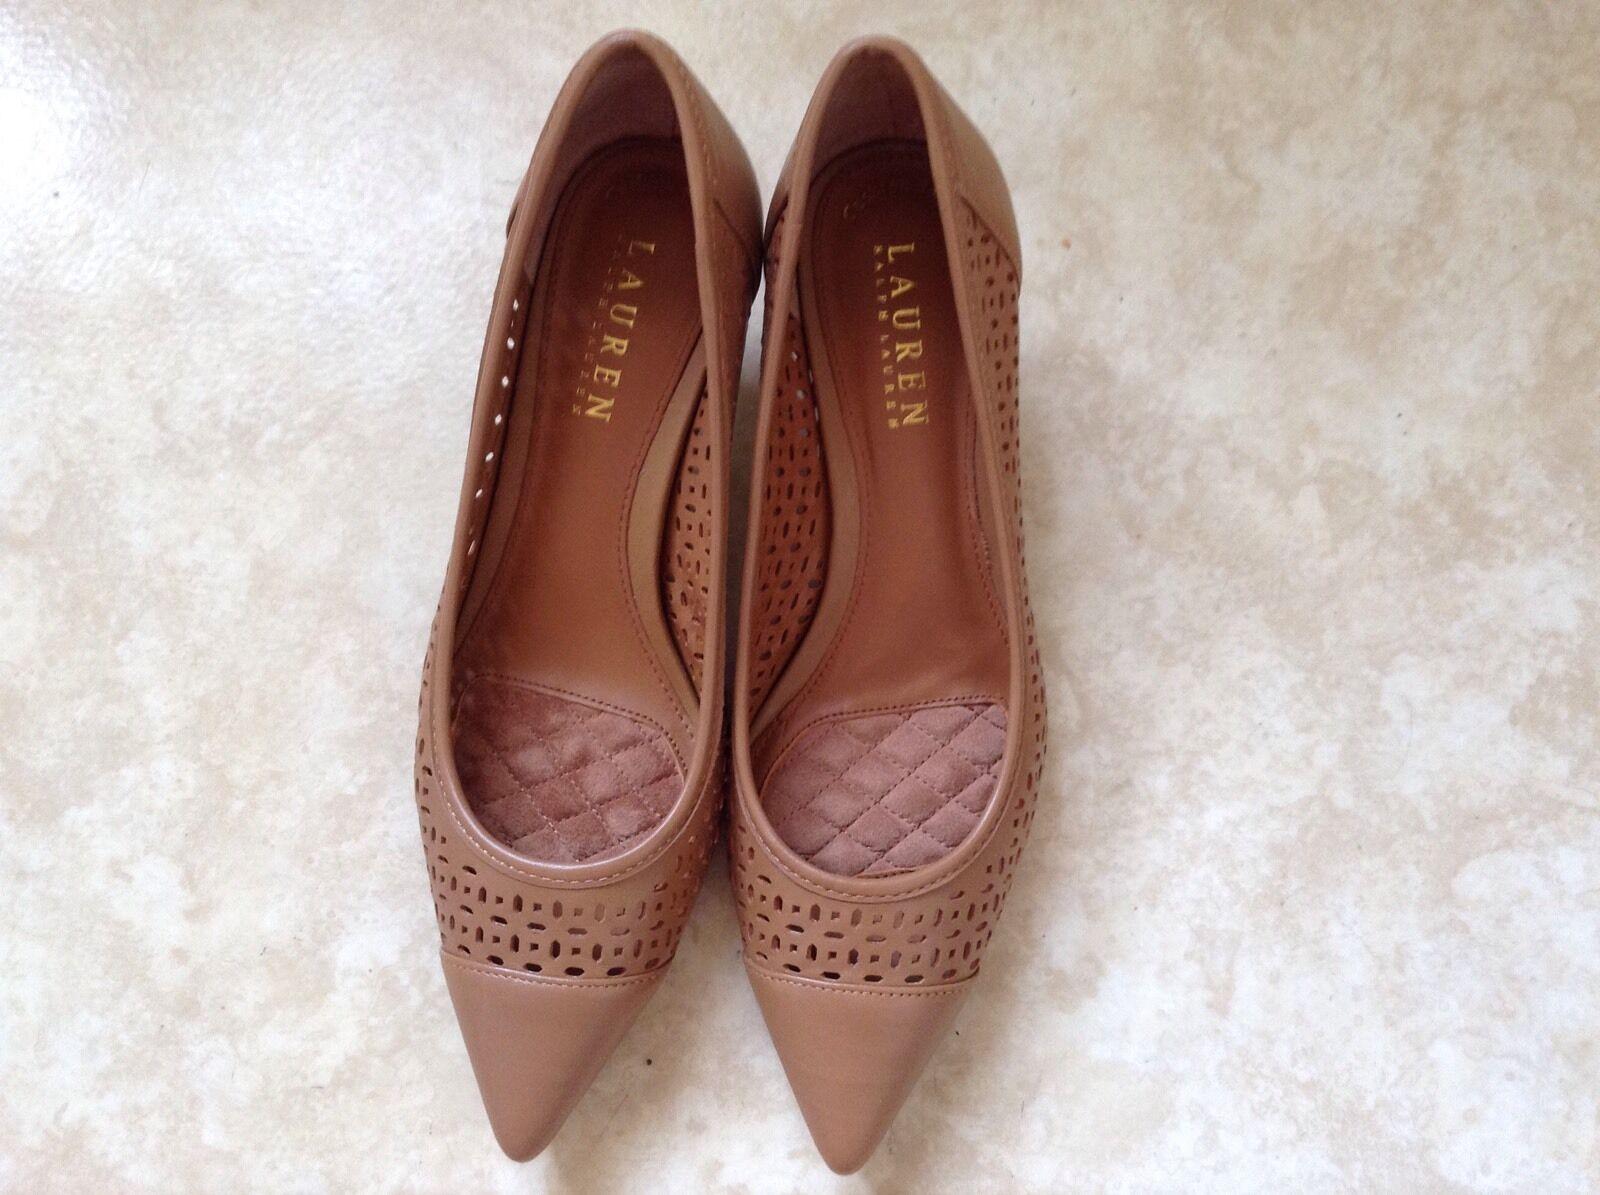 Ralph Lauren Damen Schuhe Gr. 38 Leder Neu